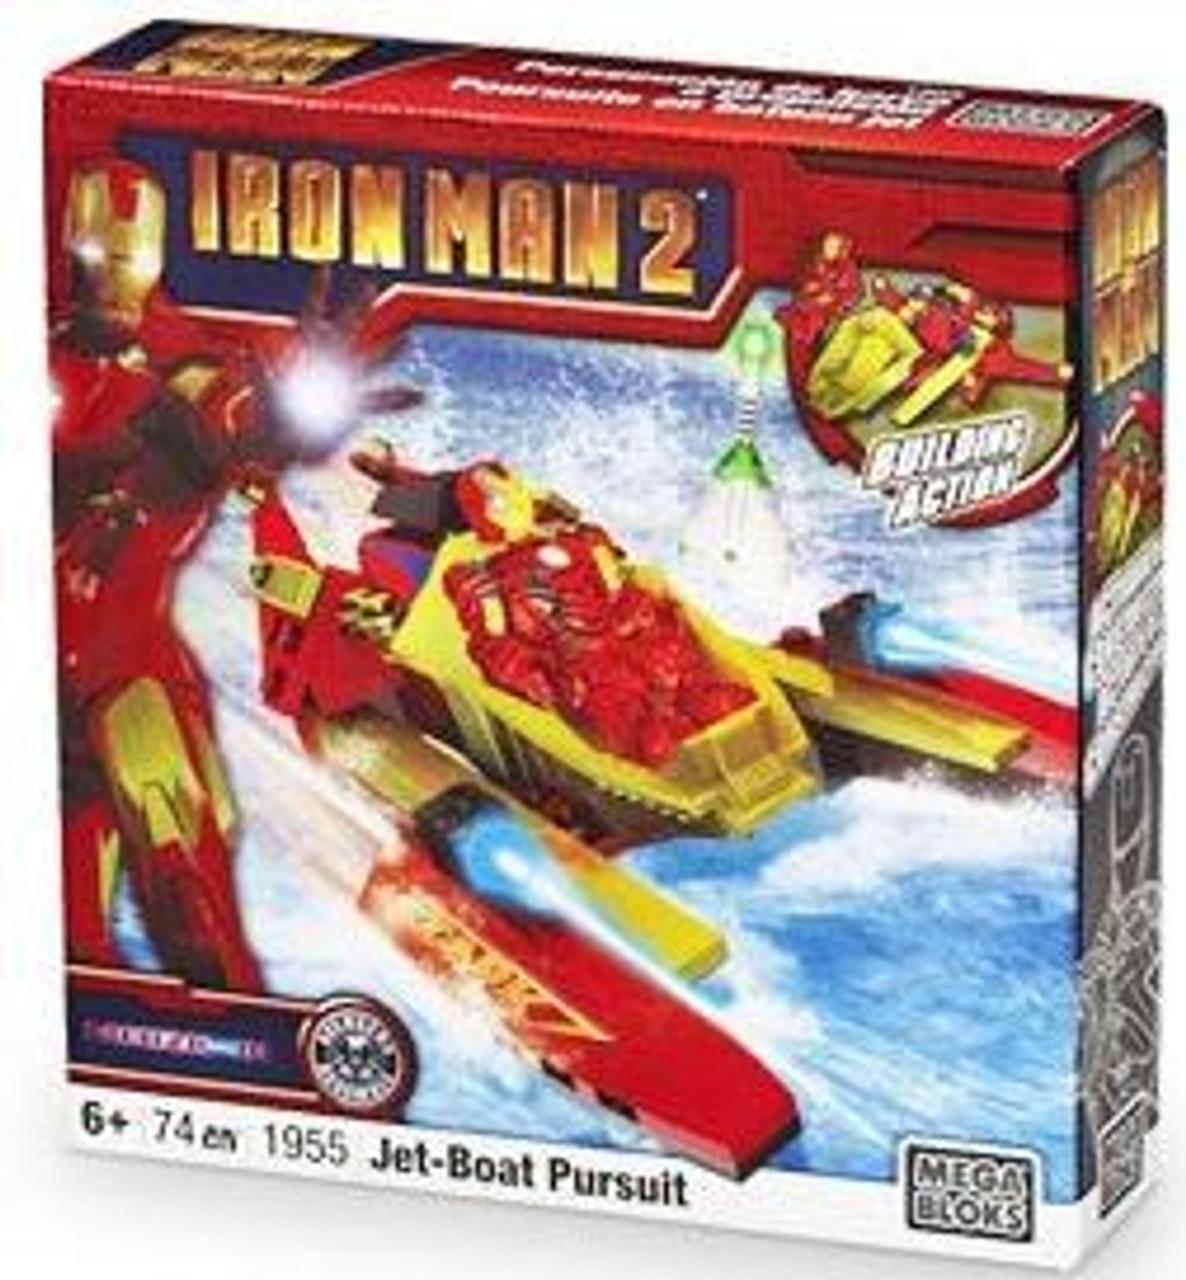 Mega Bloks Iron Man 2 Jet-Boat Pursuit Set #1955